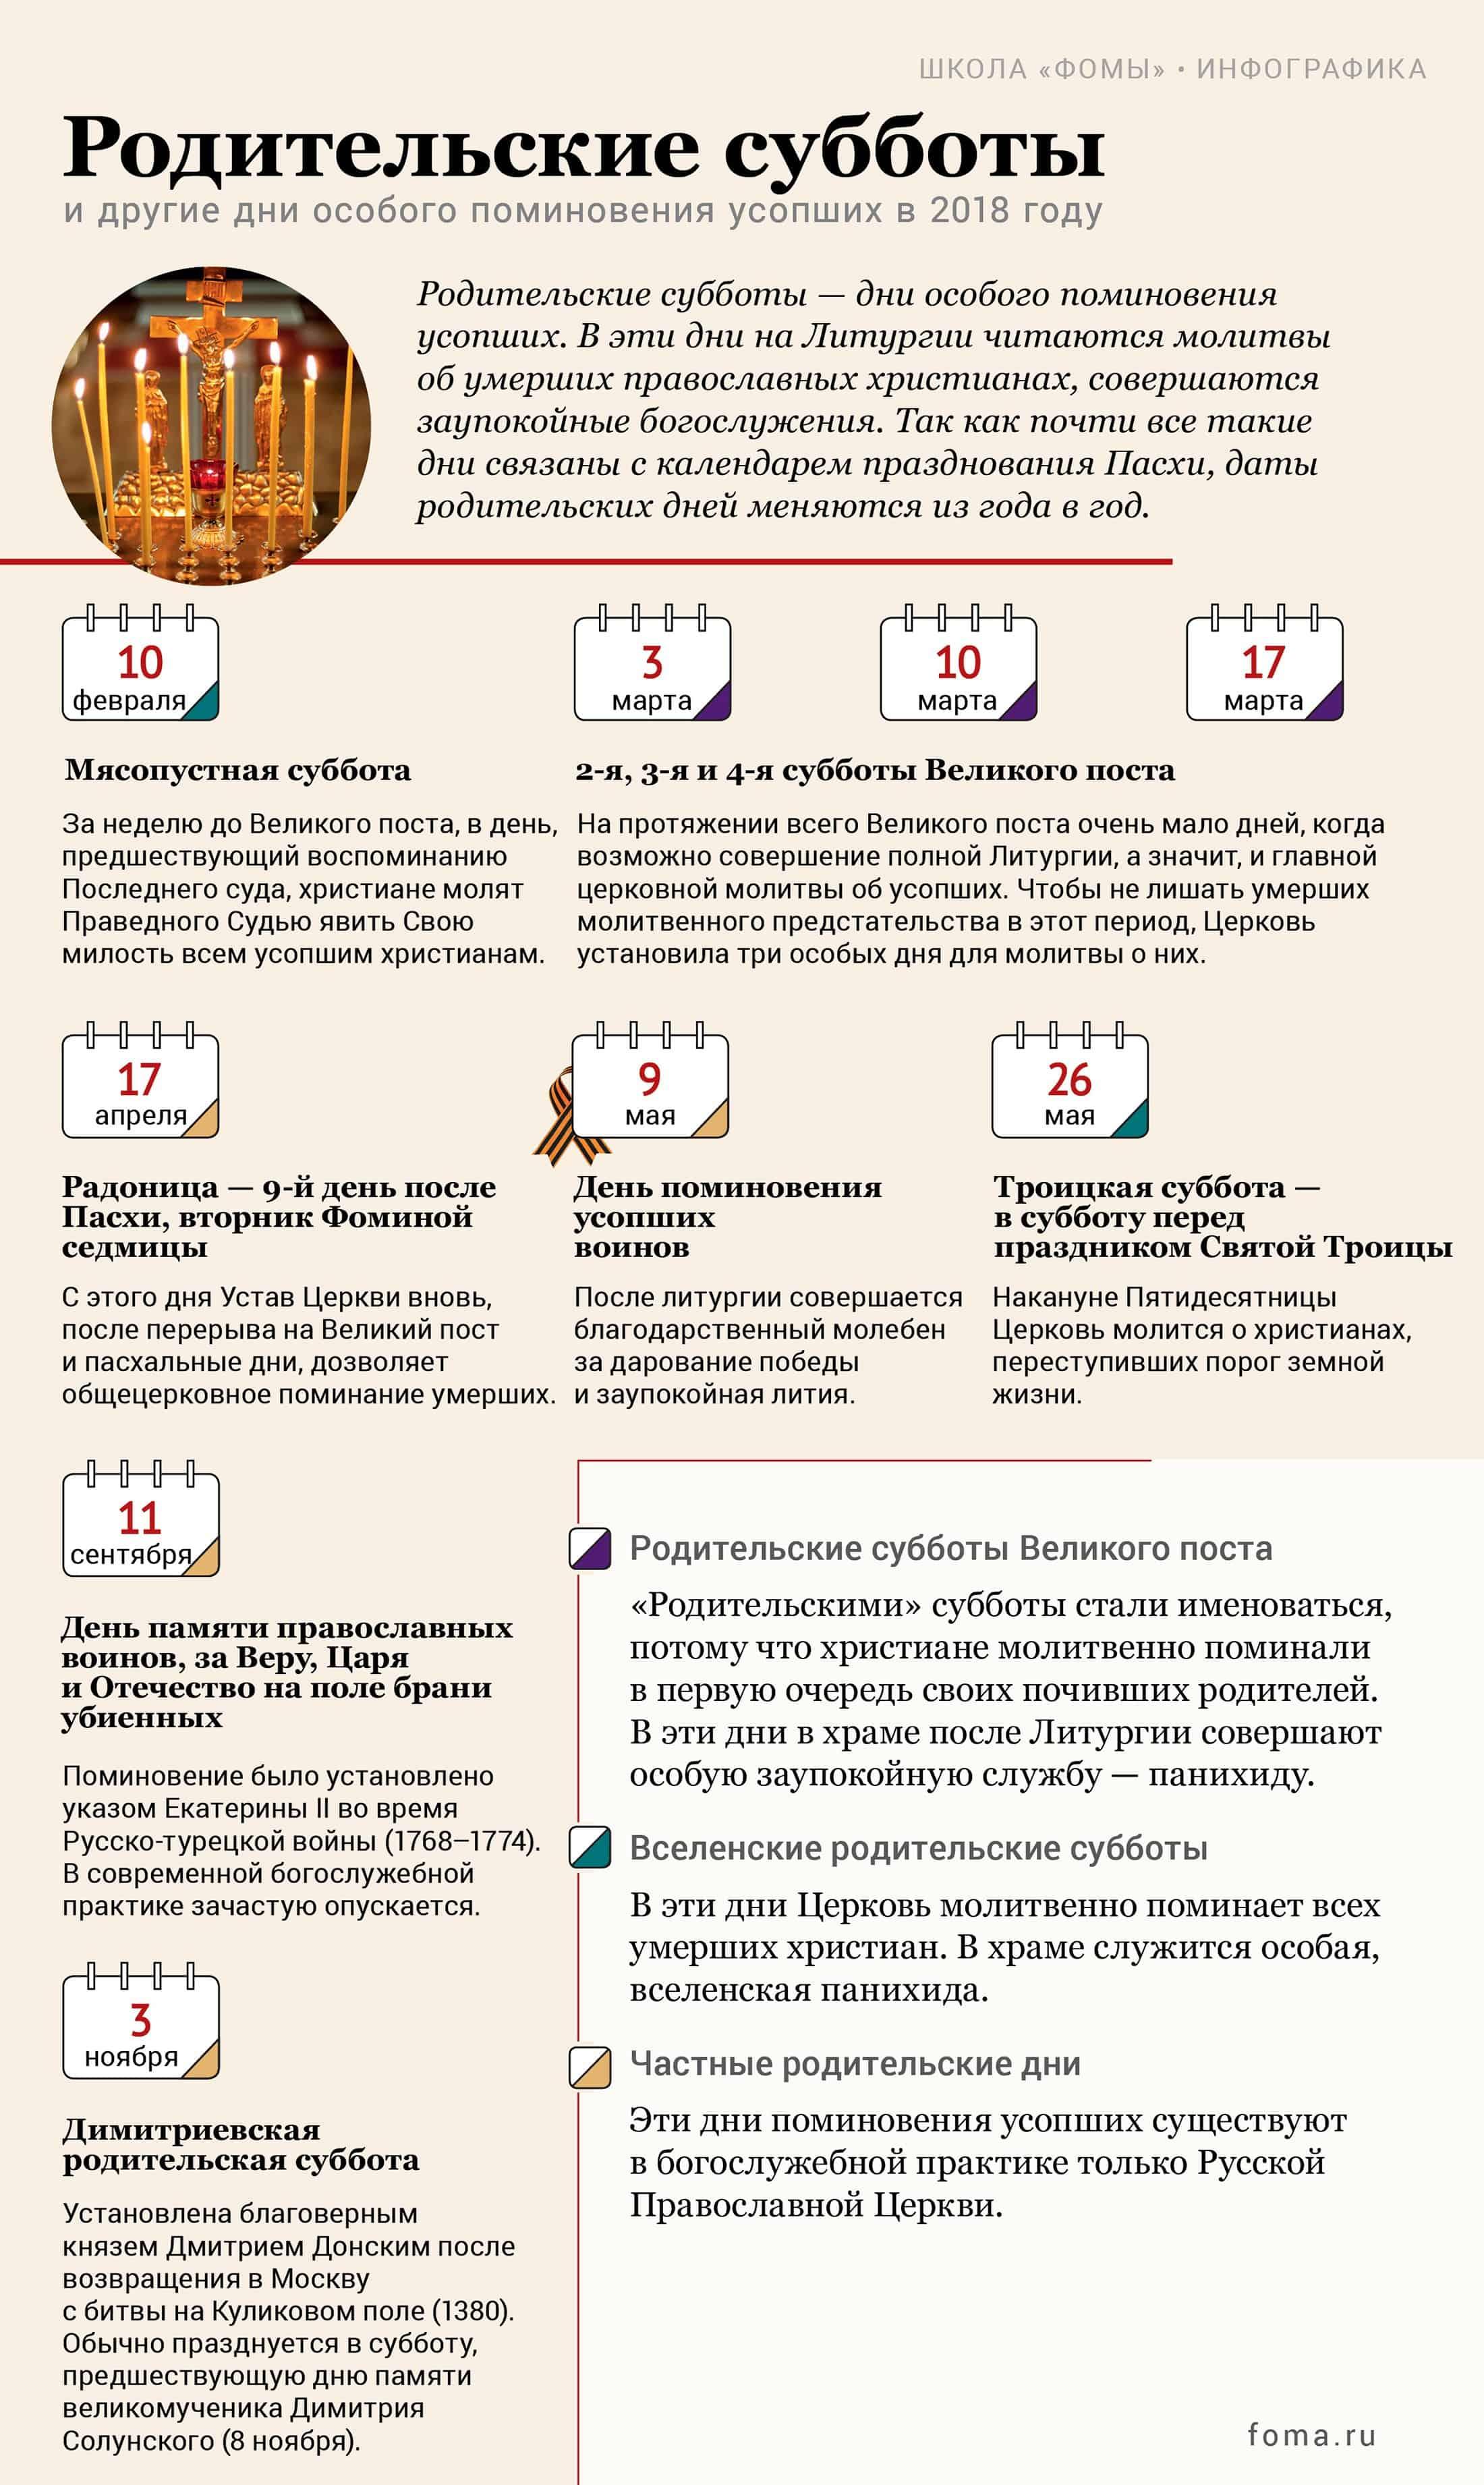 https://foma.ru/wp-content/uploads/2017/06/Roditelskie_subboti-2018_Large.jpg